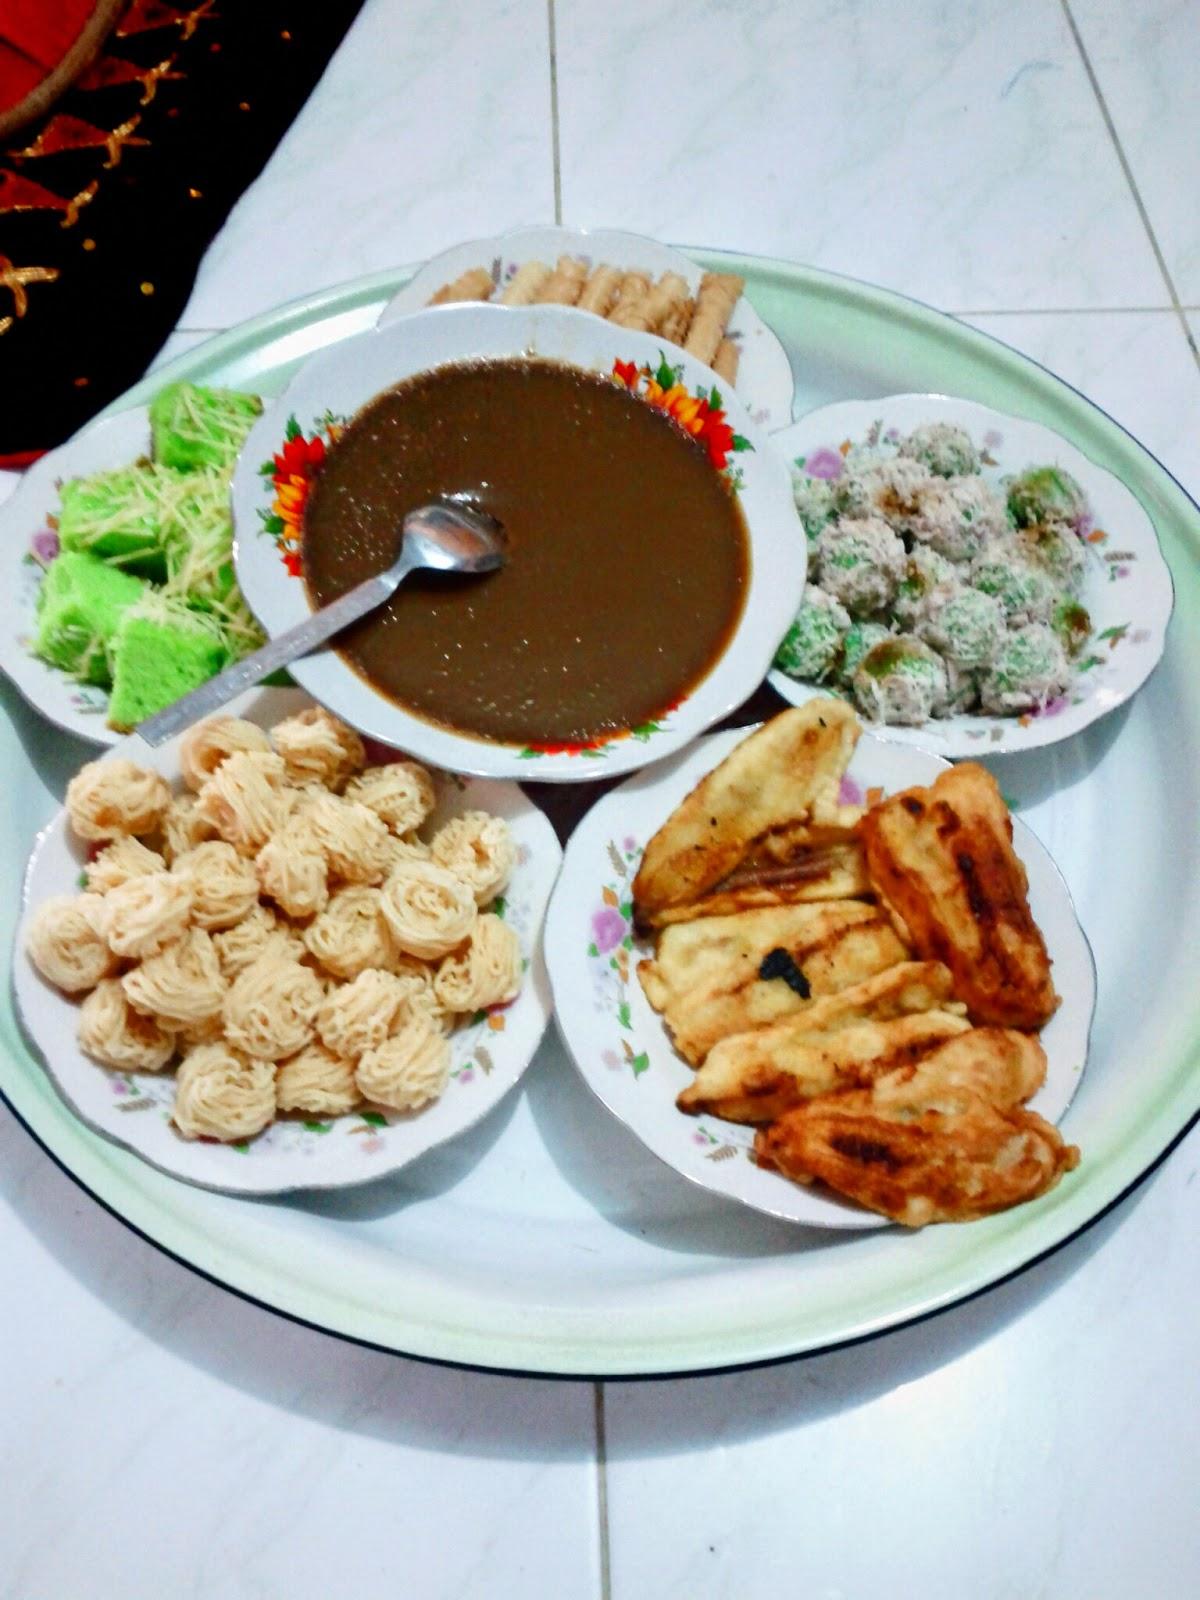 sikayo makanan khas kabupaten kampar